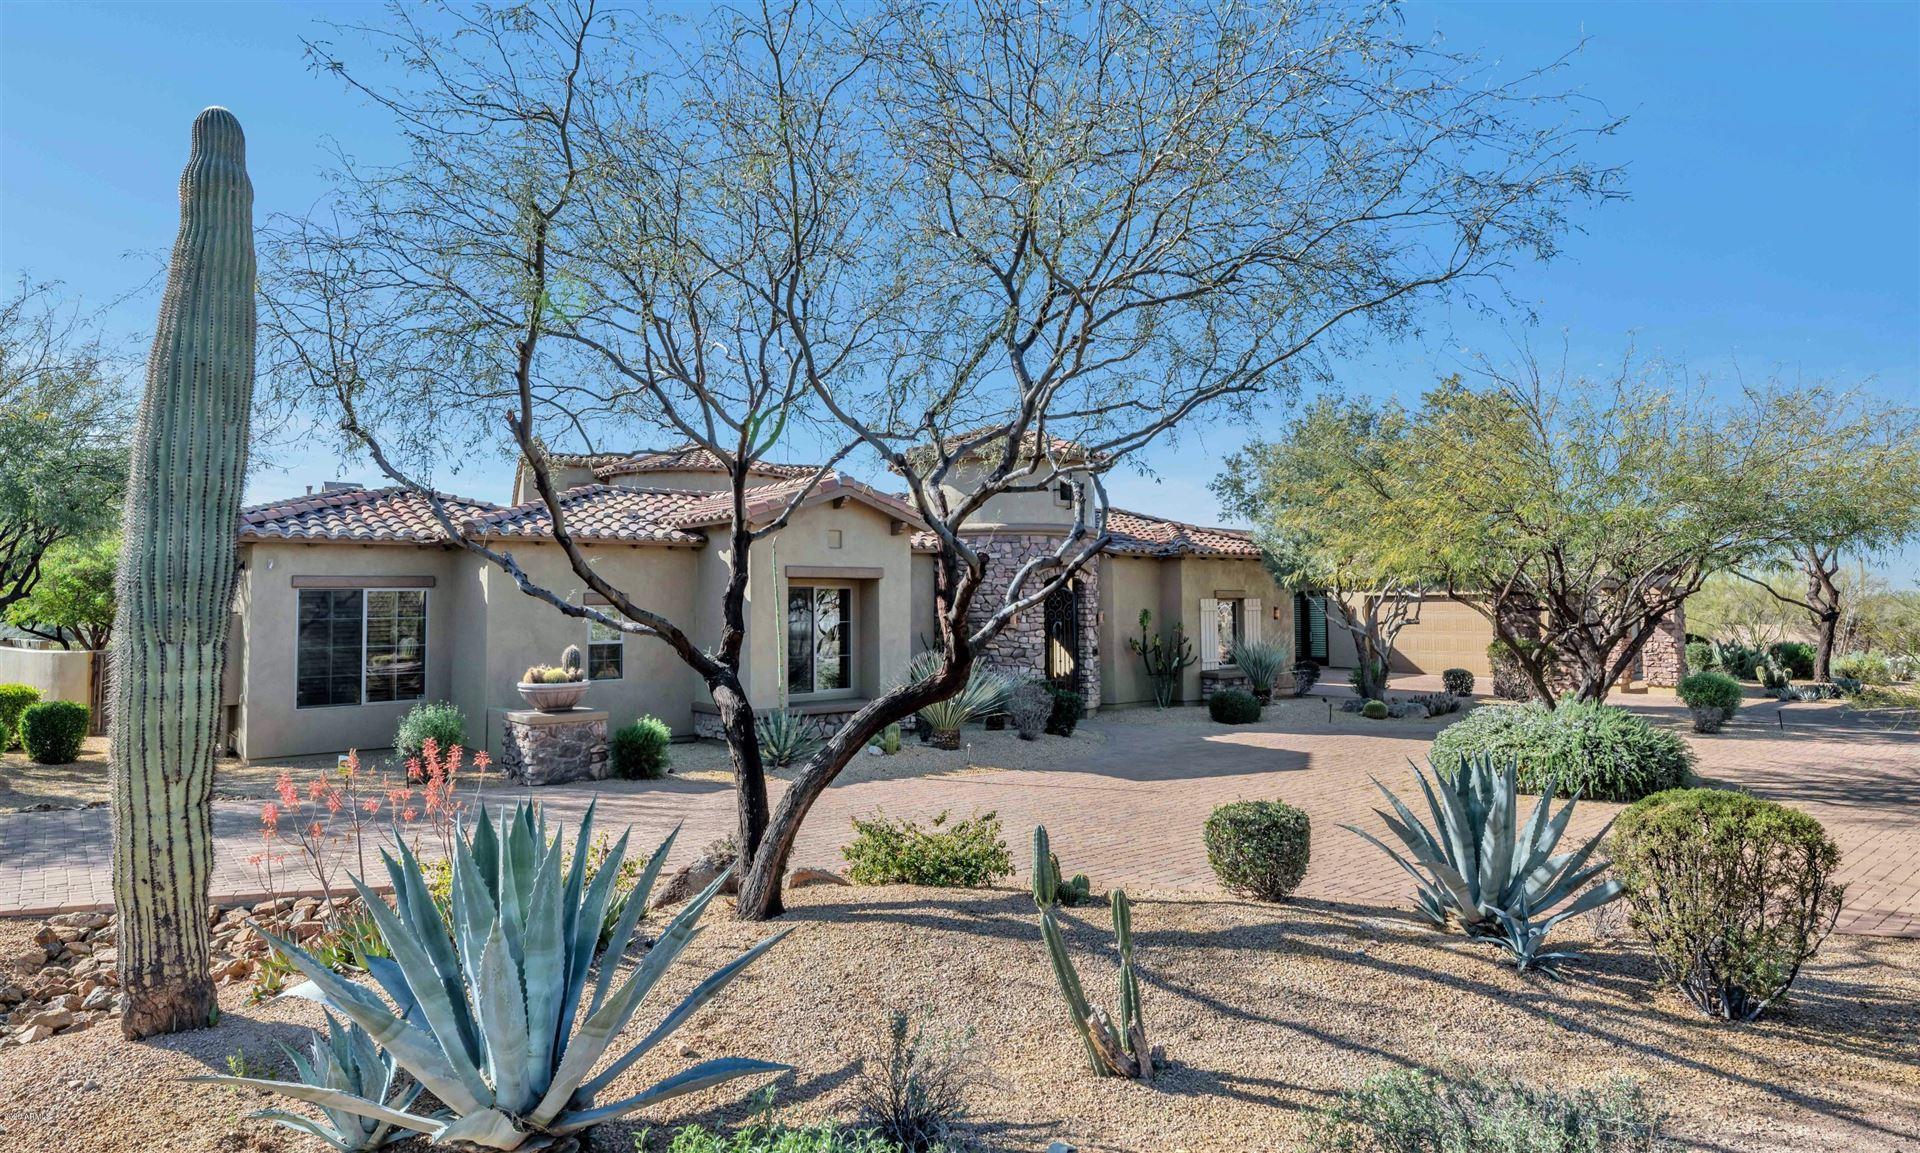 27632 N 68TH Place, Scottsdale, AZ 85266 - MLS#: 6040468